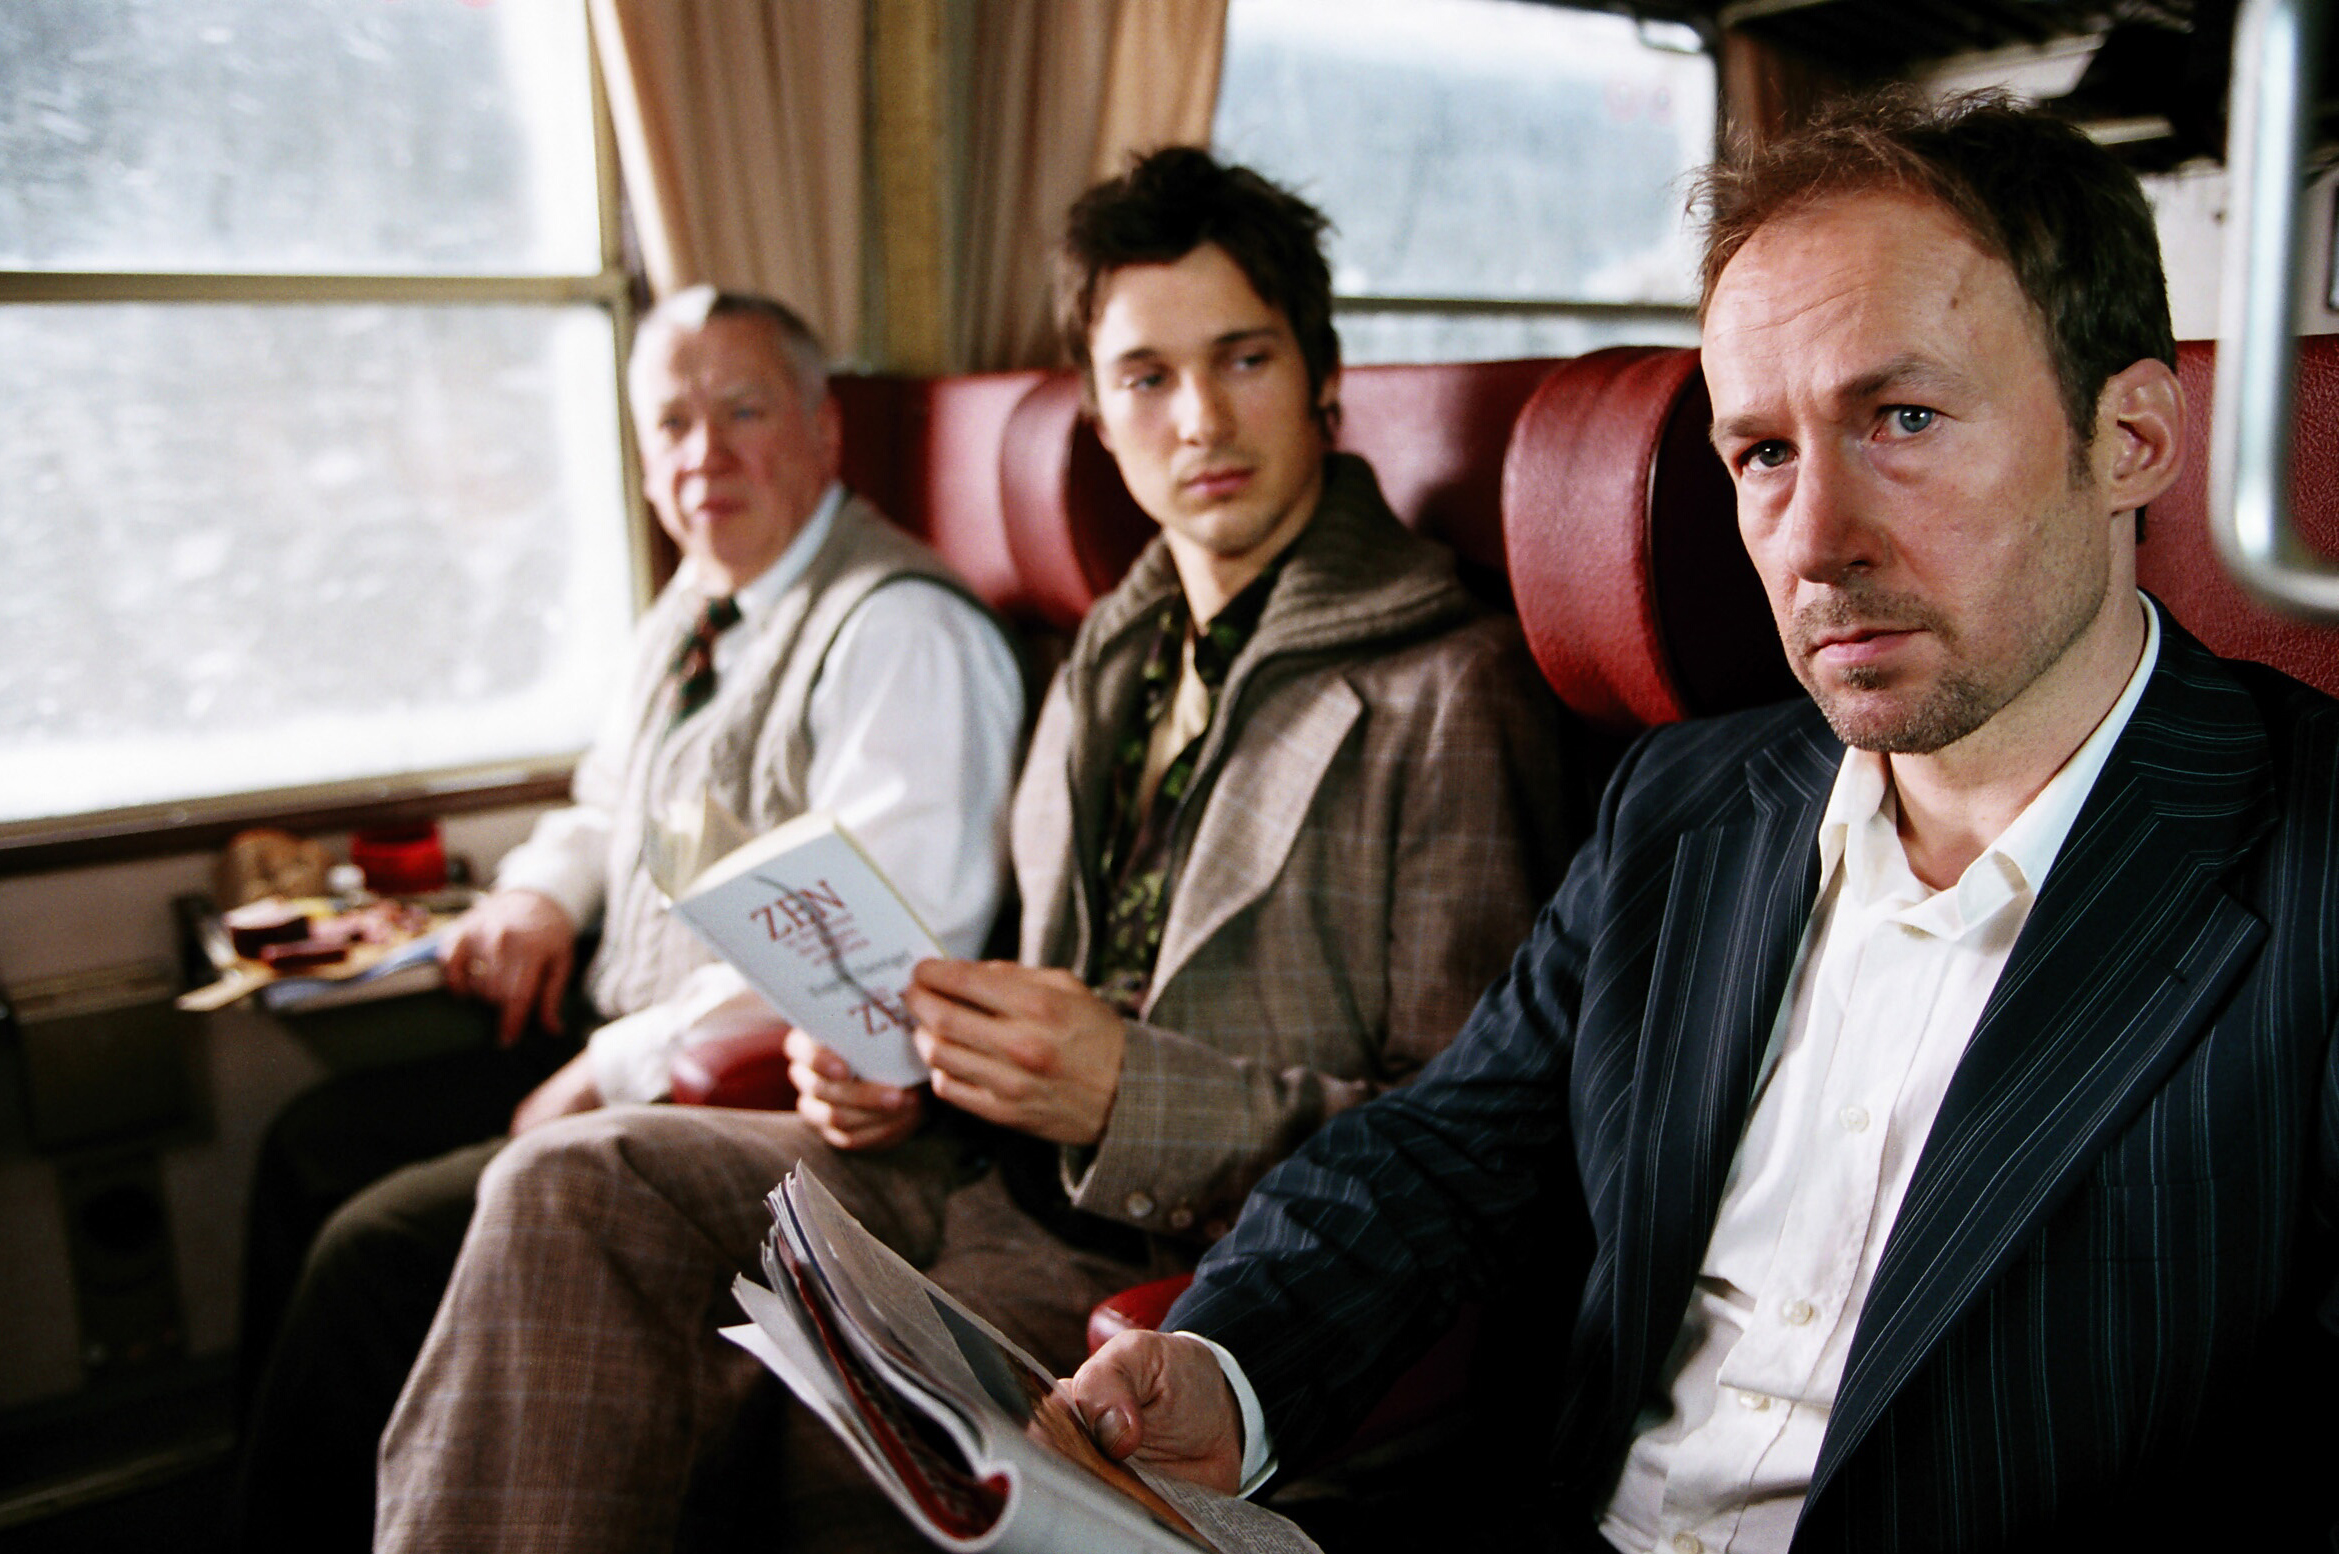 Ausgerechnet Weihnachten Film (2005) · Trailer · Kritik · KINO.de